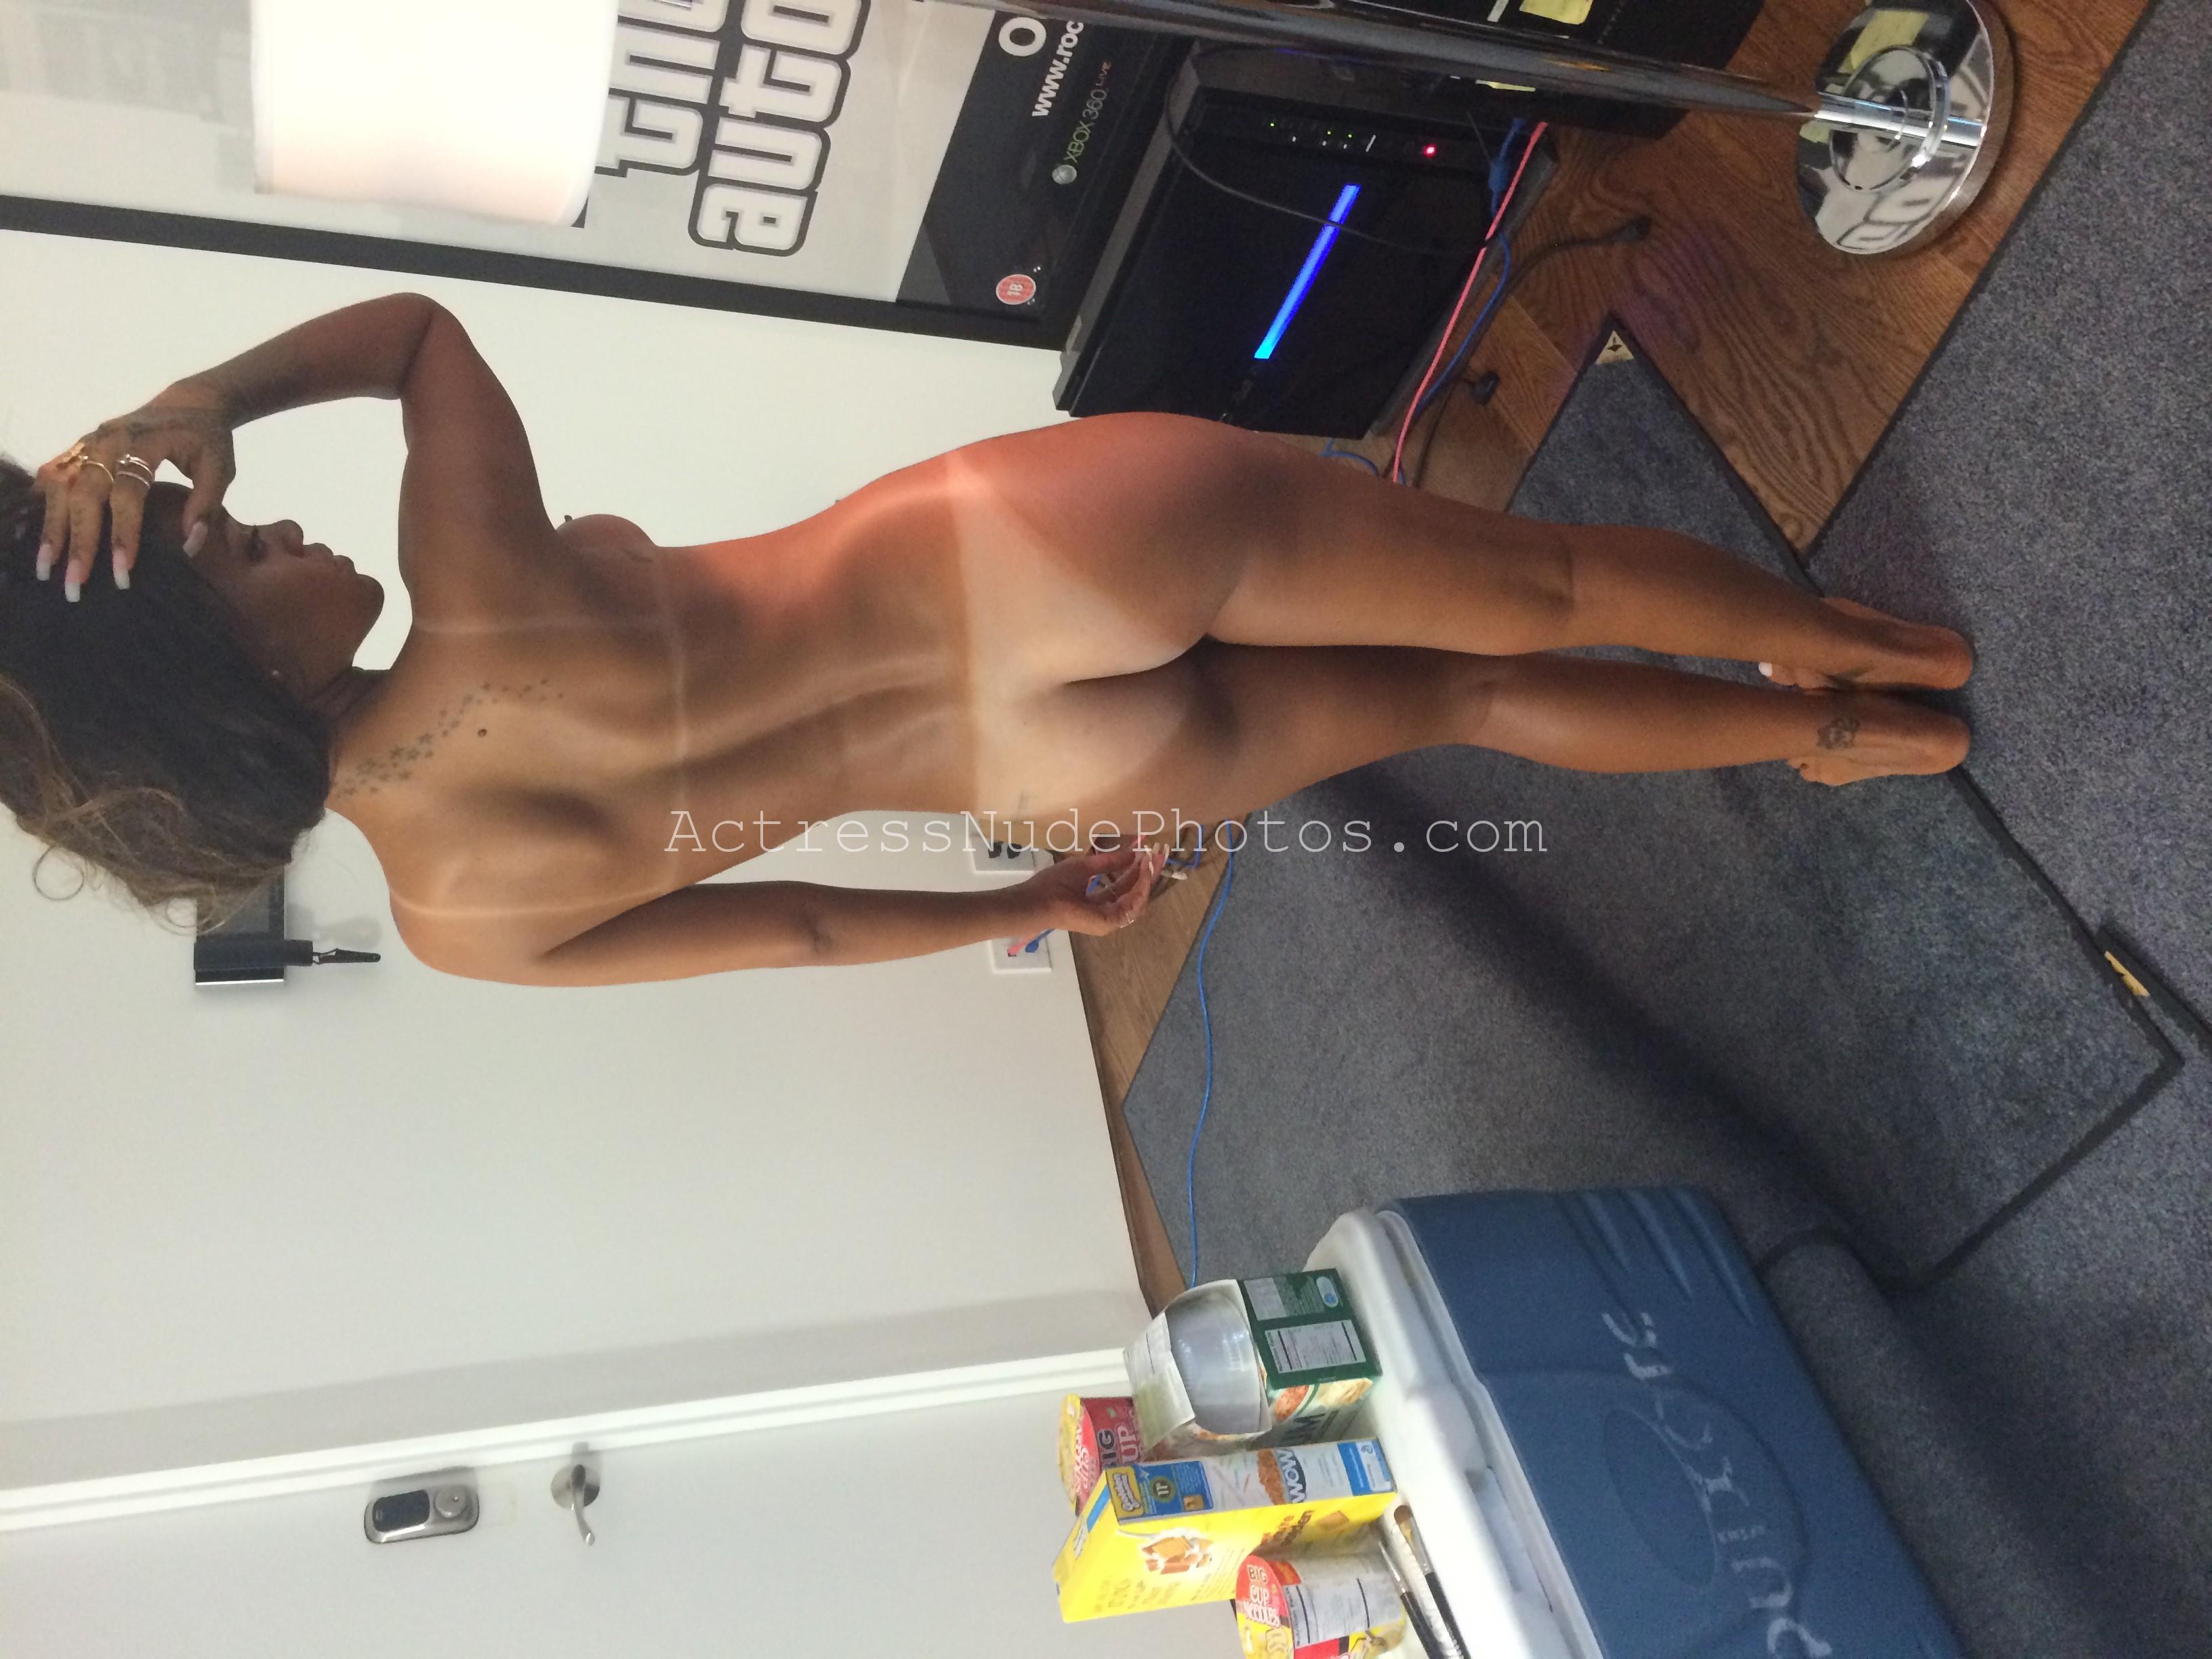 Rihanna Latest Nude Photos